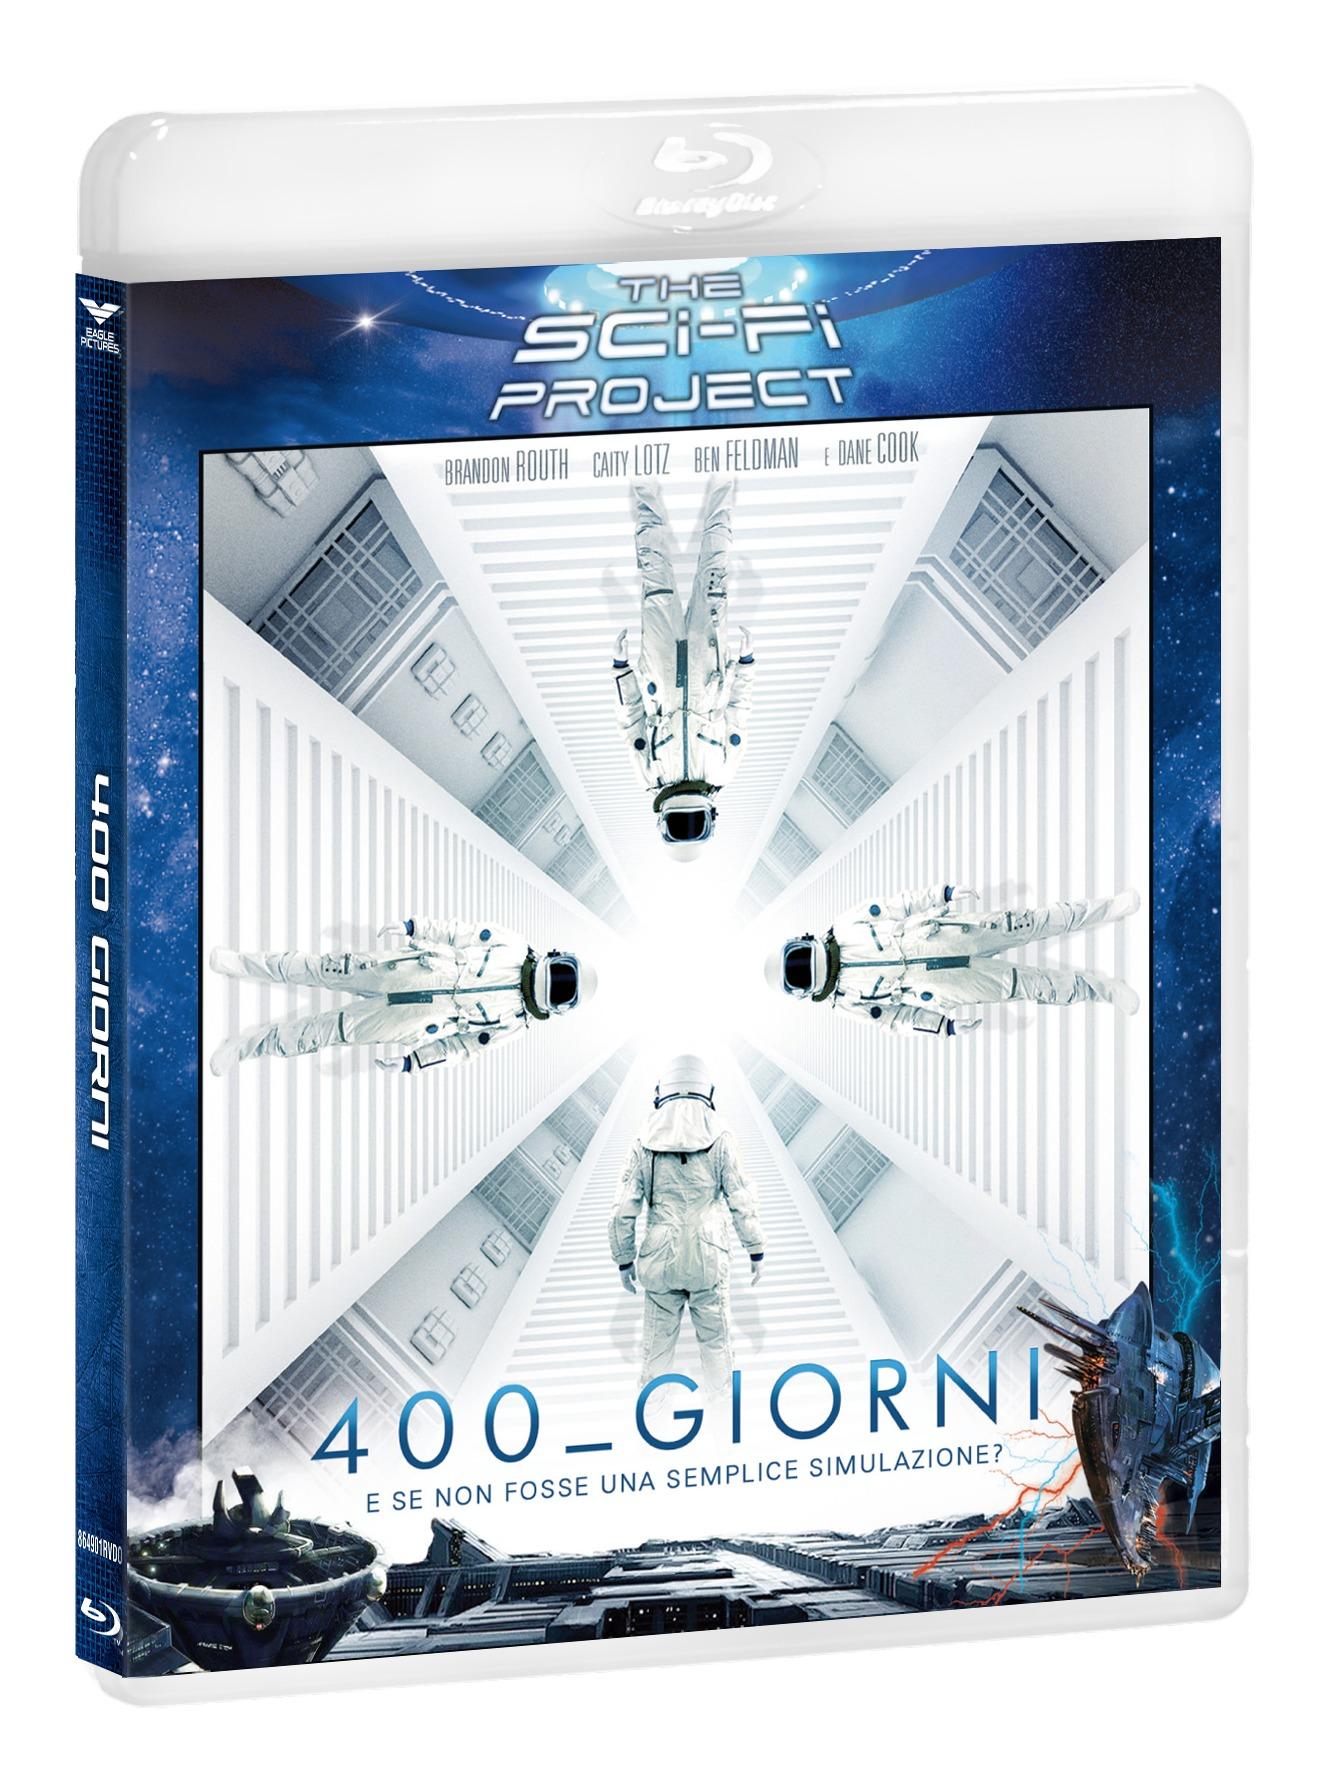 400 GIORNI (SCI-FI PROJECT) - BLU RAY